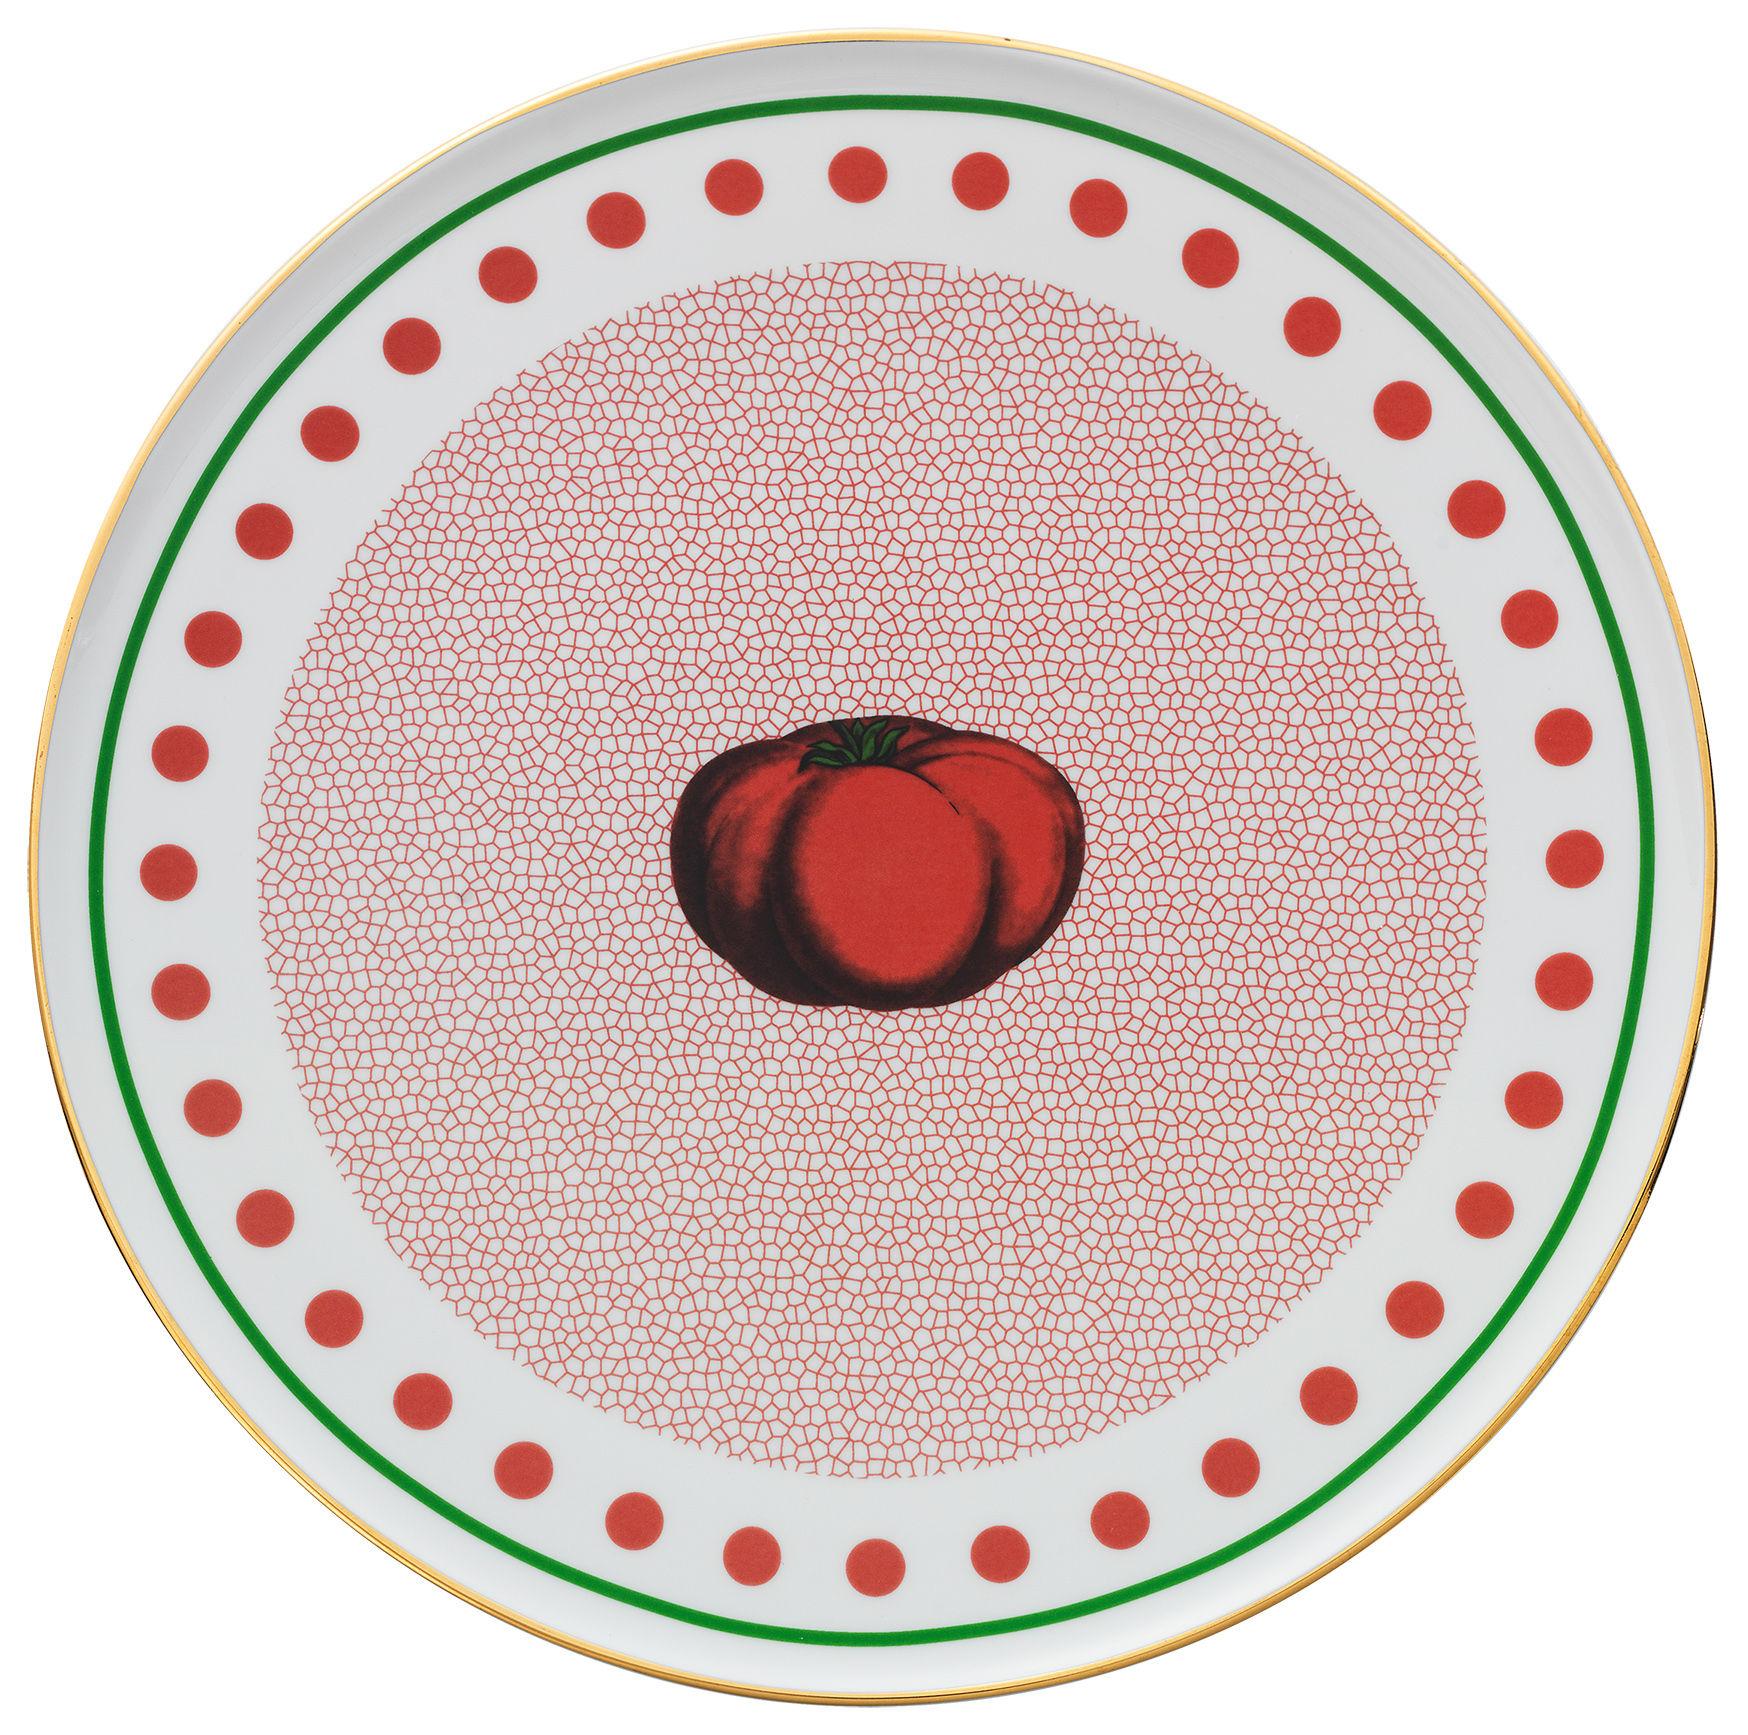 Tavola - Piatti  - Piatto di portata Bel Paese - Pomodoro - / Ø 32 cm di Bitossi Home - Pomodoro / Rosso - Porcellana